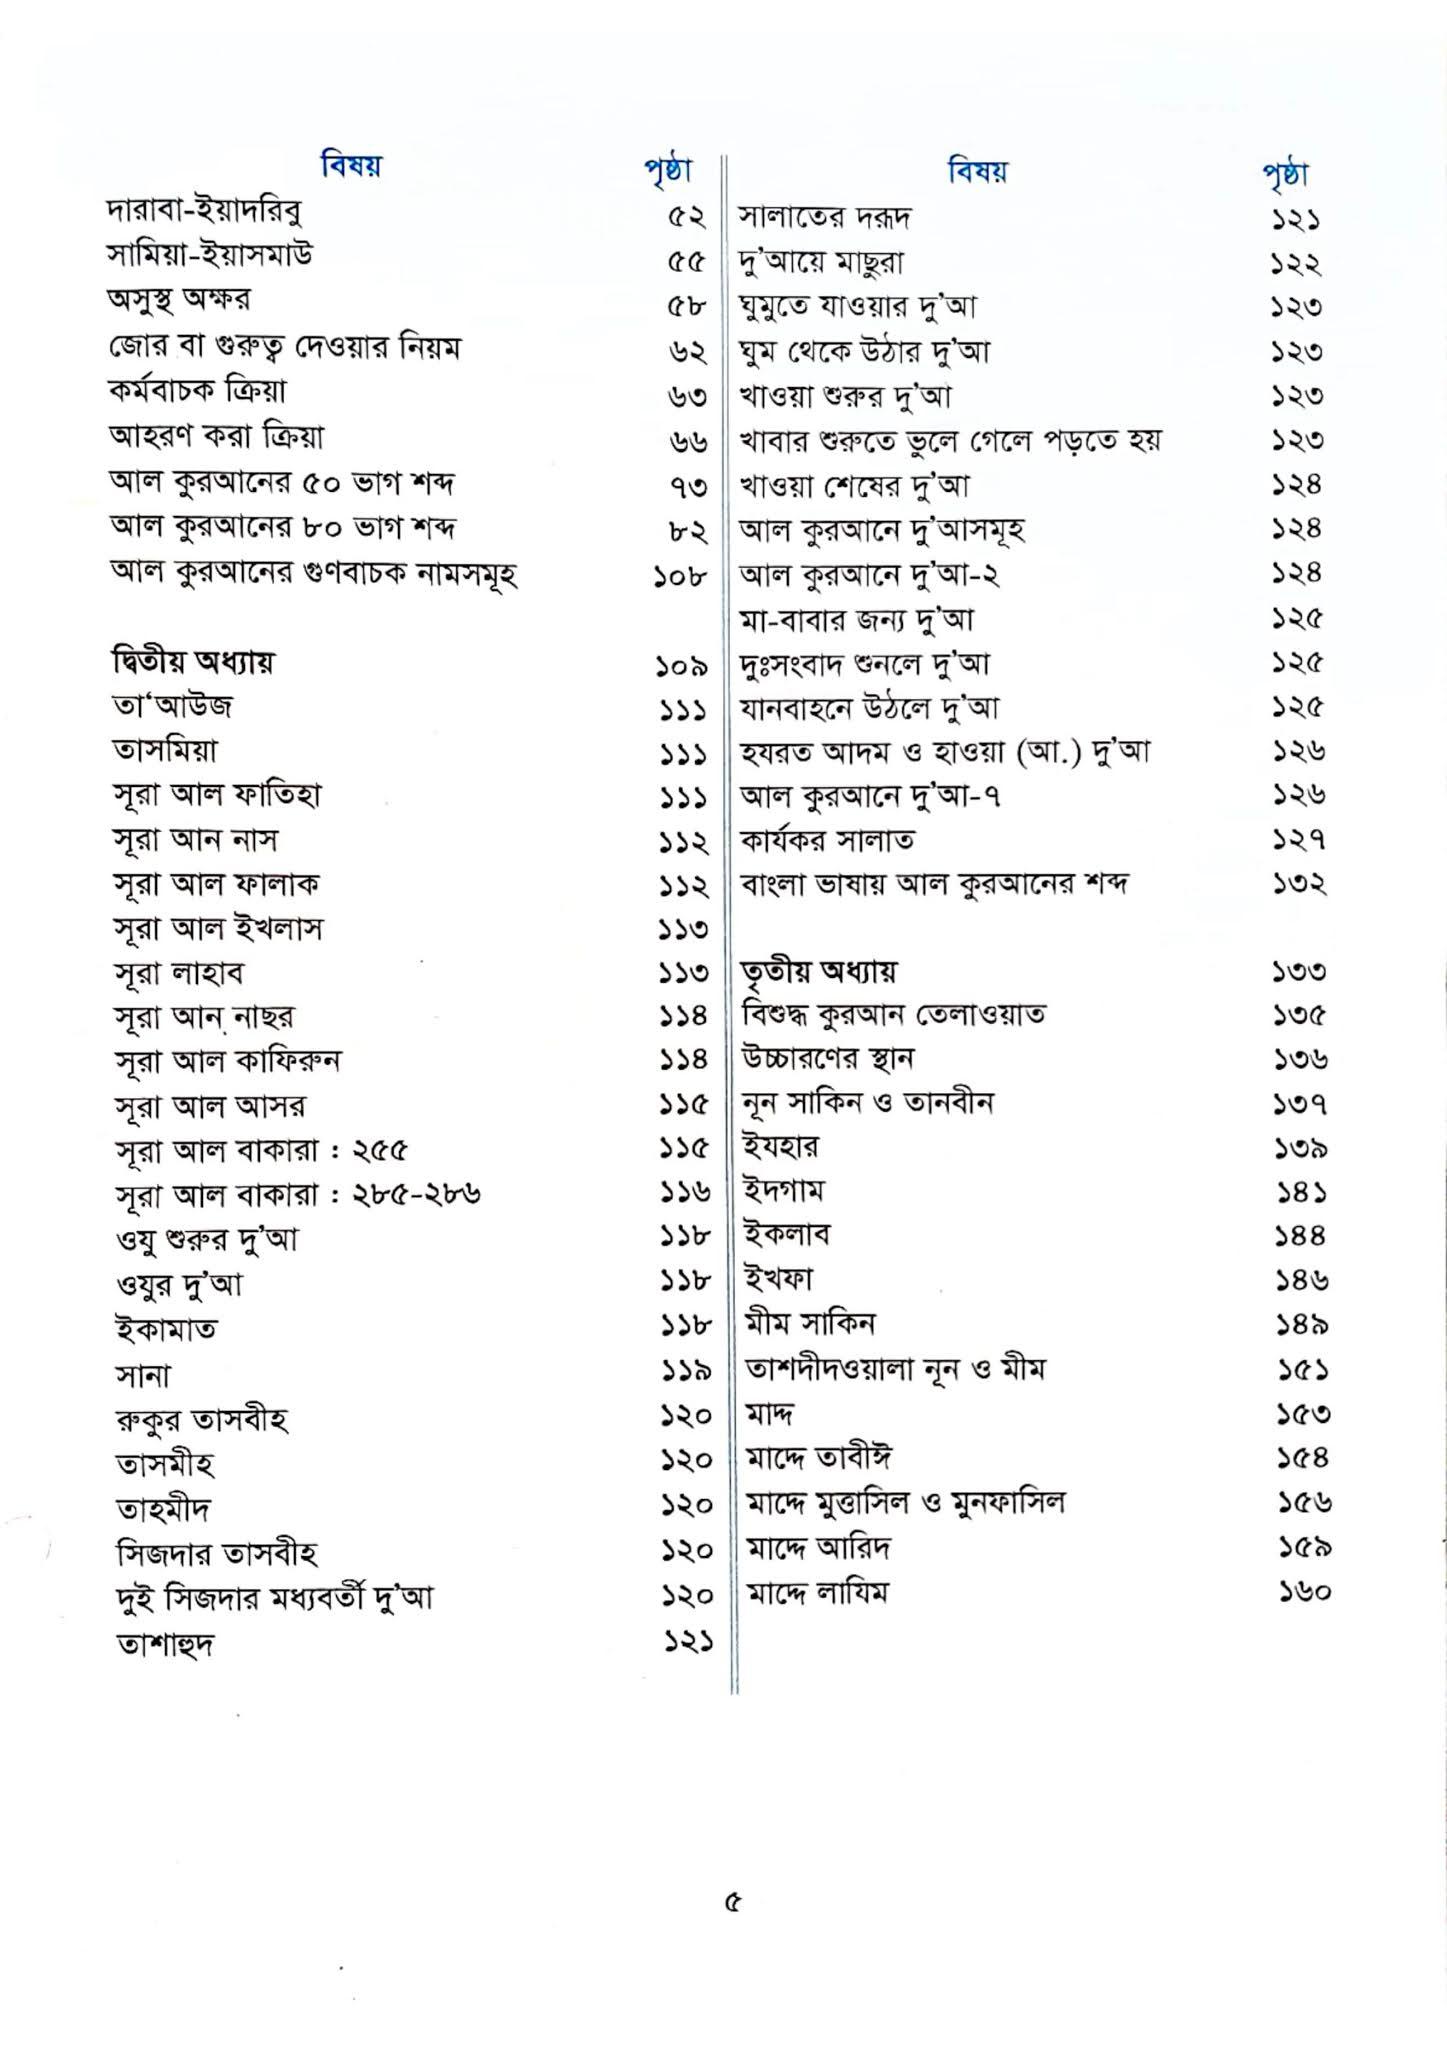 কুরআন বুুুুঝার সহায়িকা Pdf Download | কুরআন বুঝার সহায়িকা -কাজী সাগীর আহমদ PDF